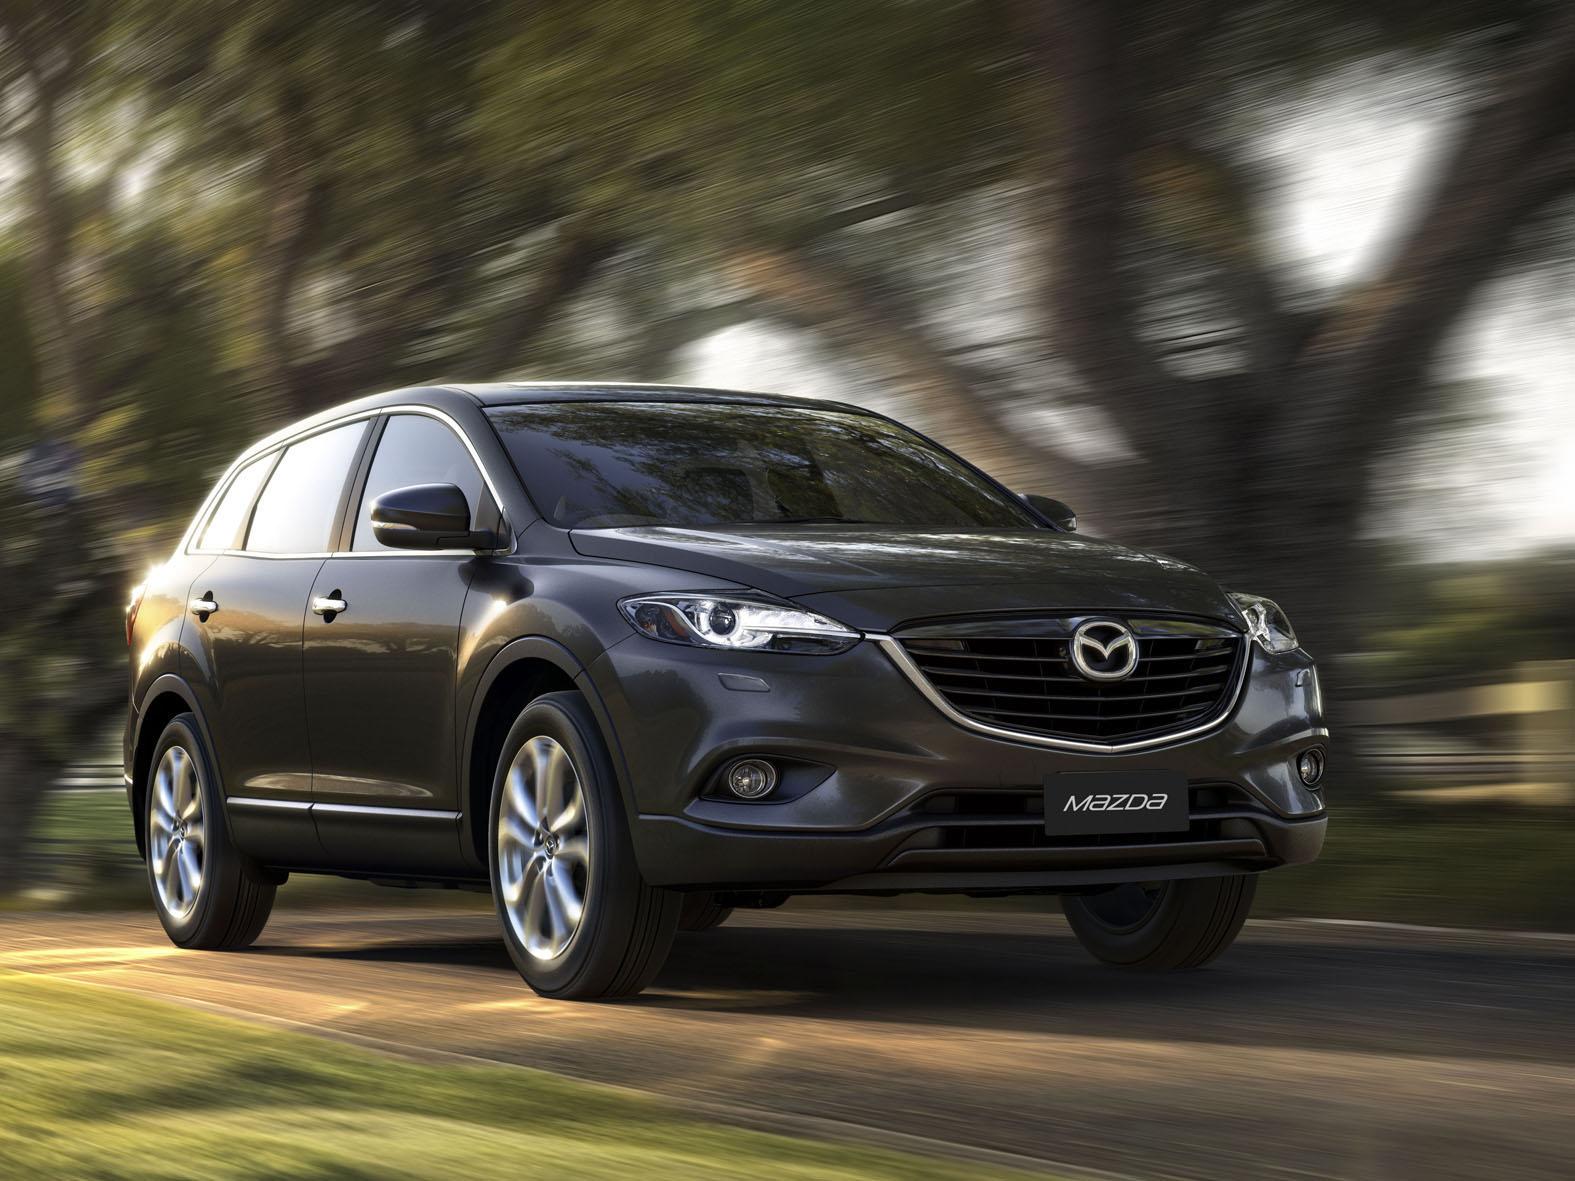 2013 Mazda CX-9, 2013 Dodge Dart Aero, McLaren P1: Car News Headlines